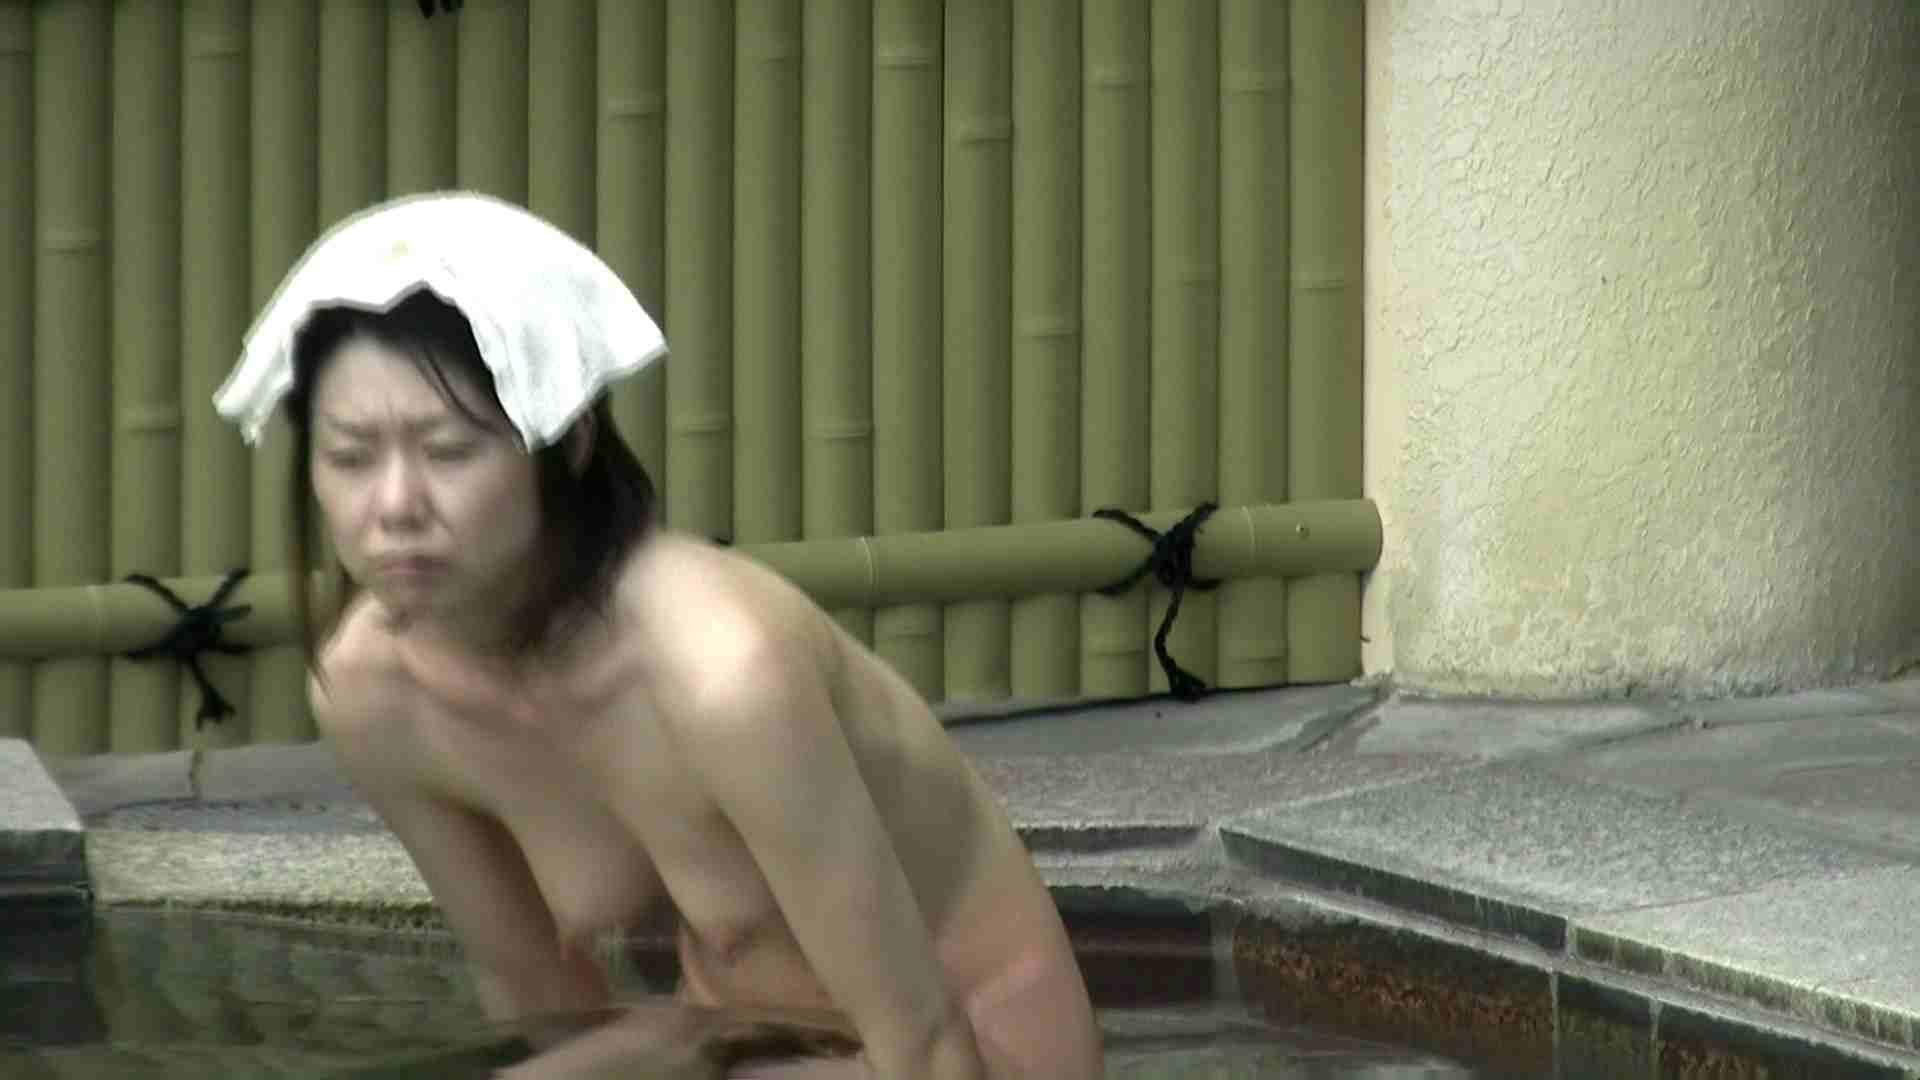 Aquaな露天風呂Vol.658 OLのエロ生活  30連発 9